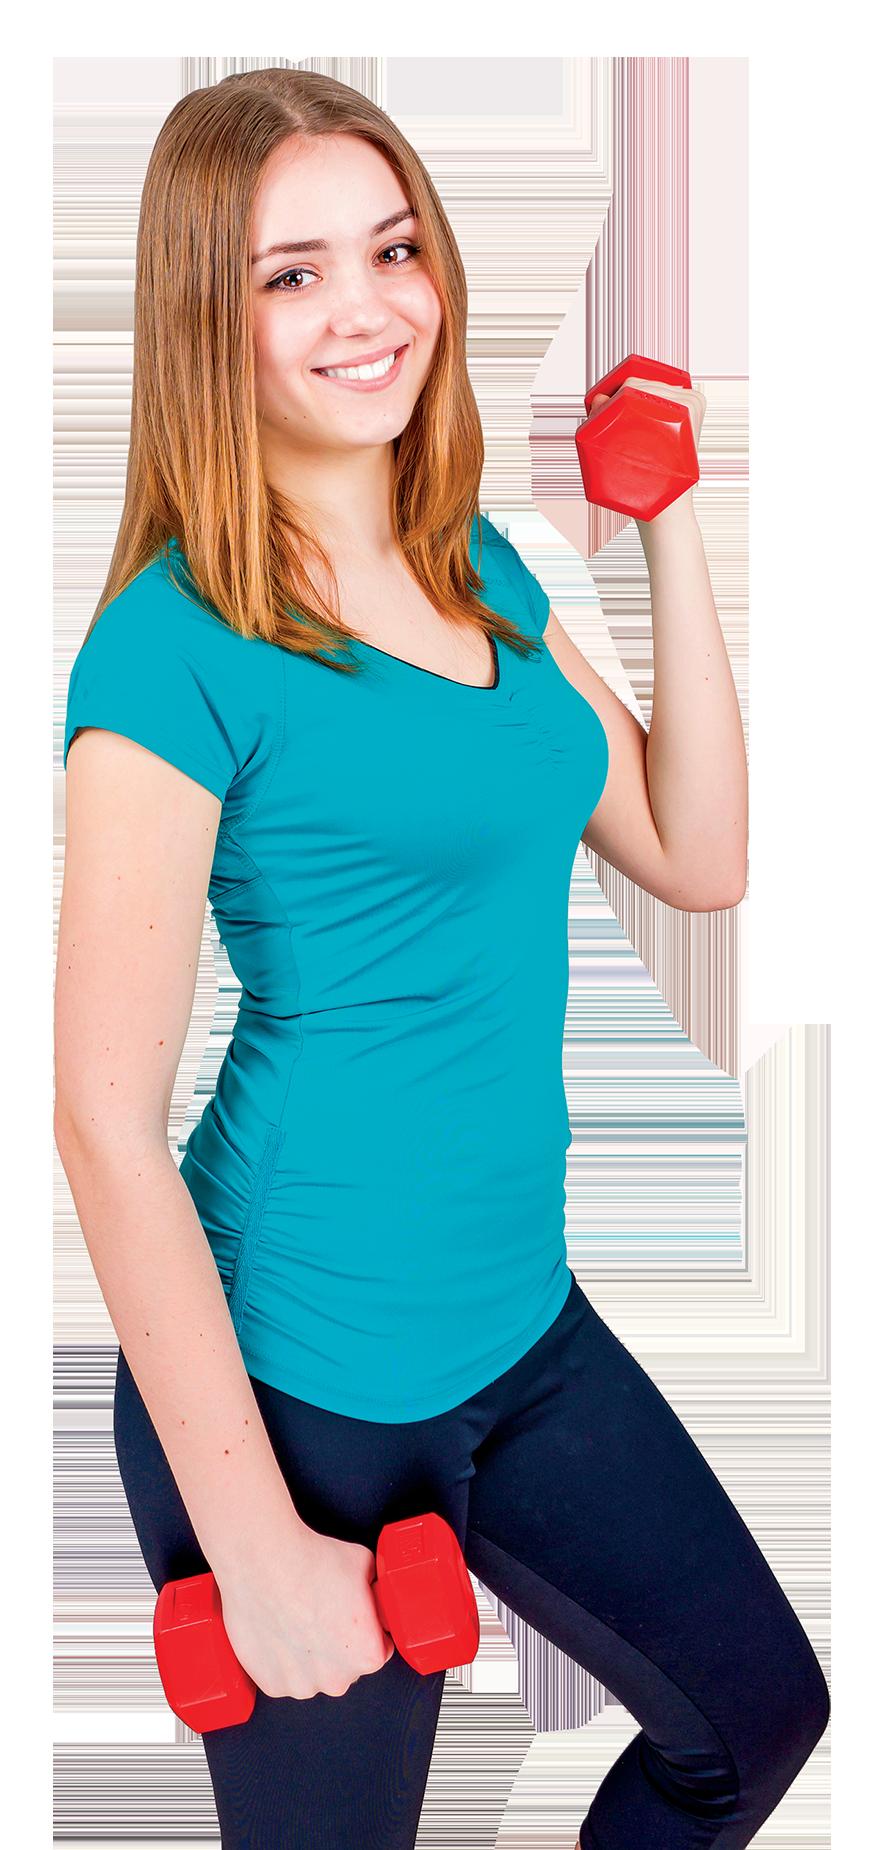 重訓導致頻尿、下腹痛   小心骨盆底肌肉筋膜炎作祟